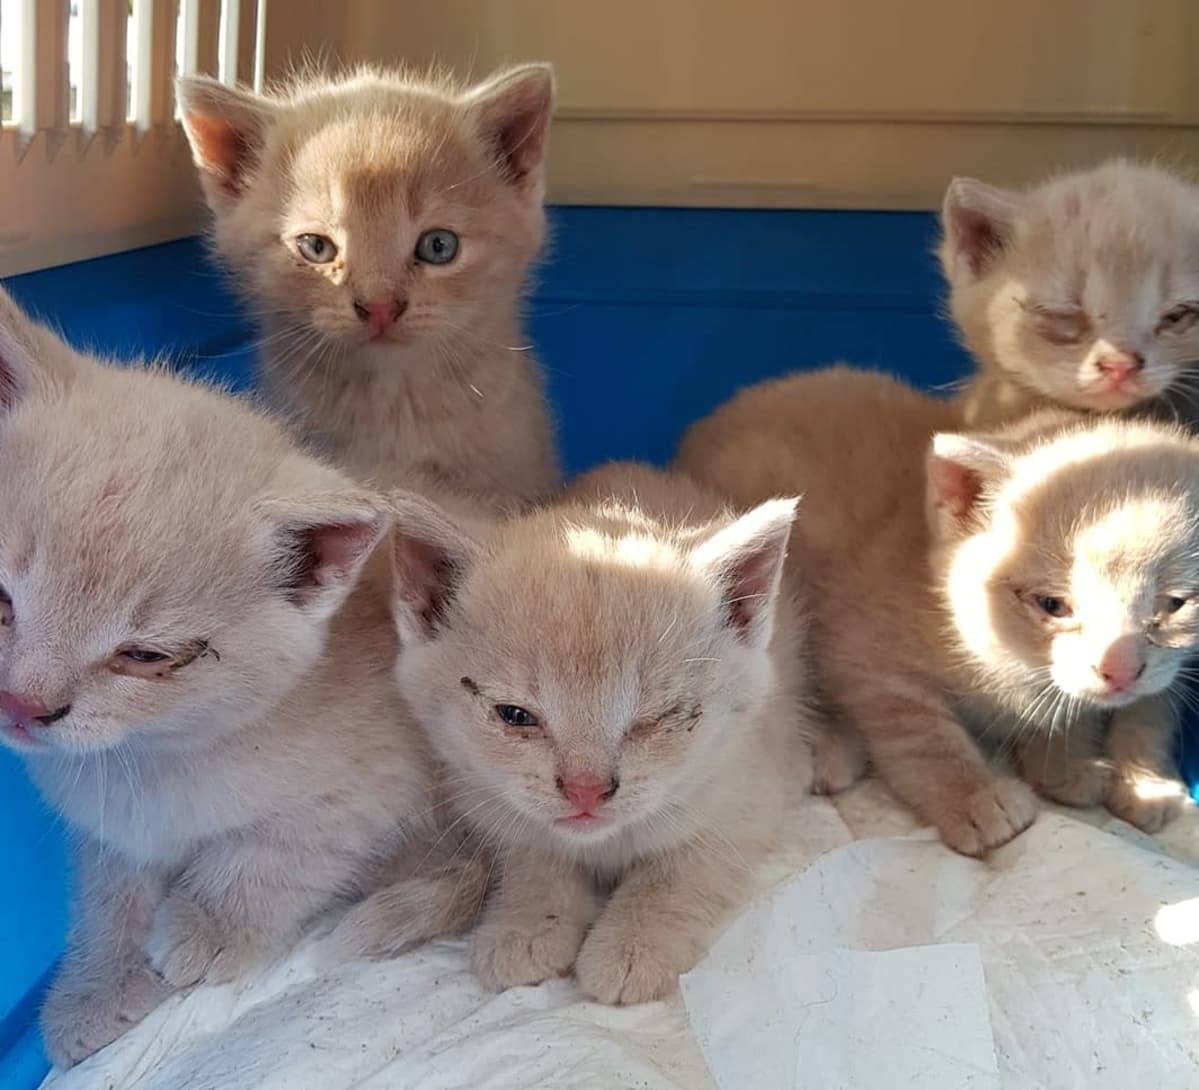 puolisokeita kissanpentuja